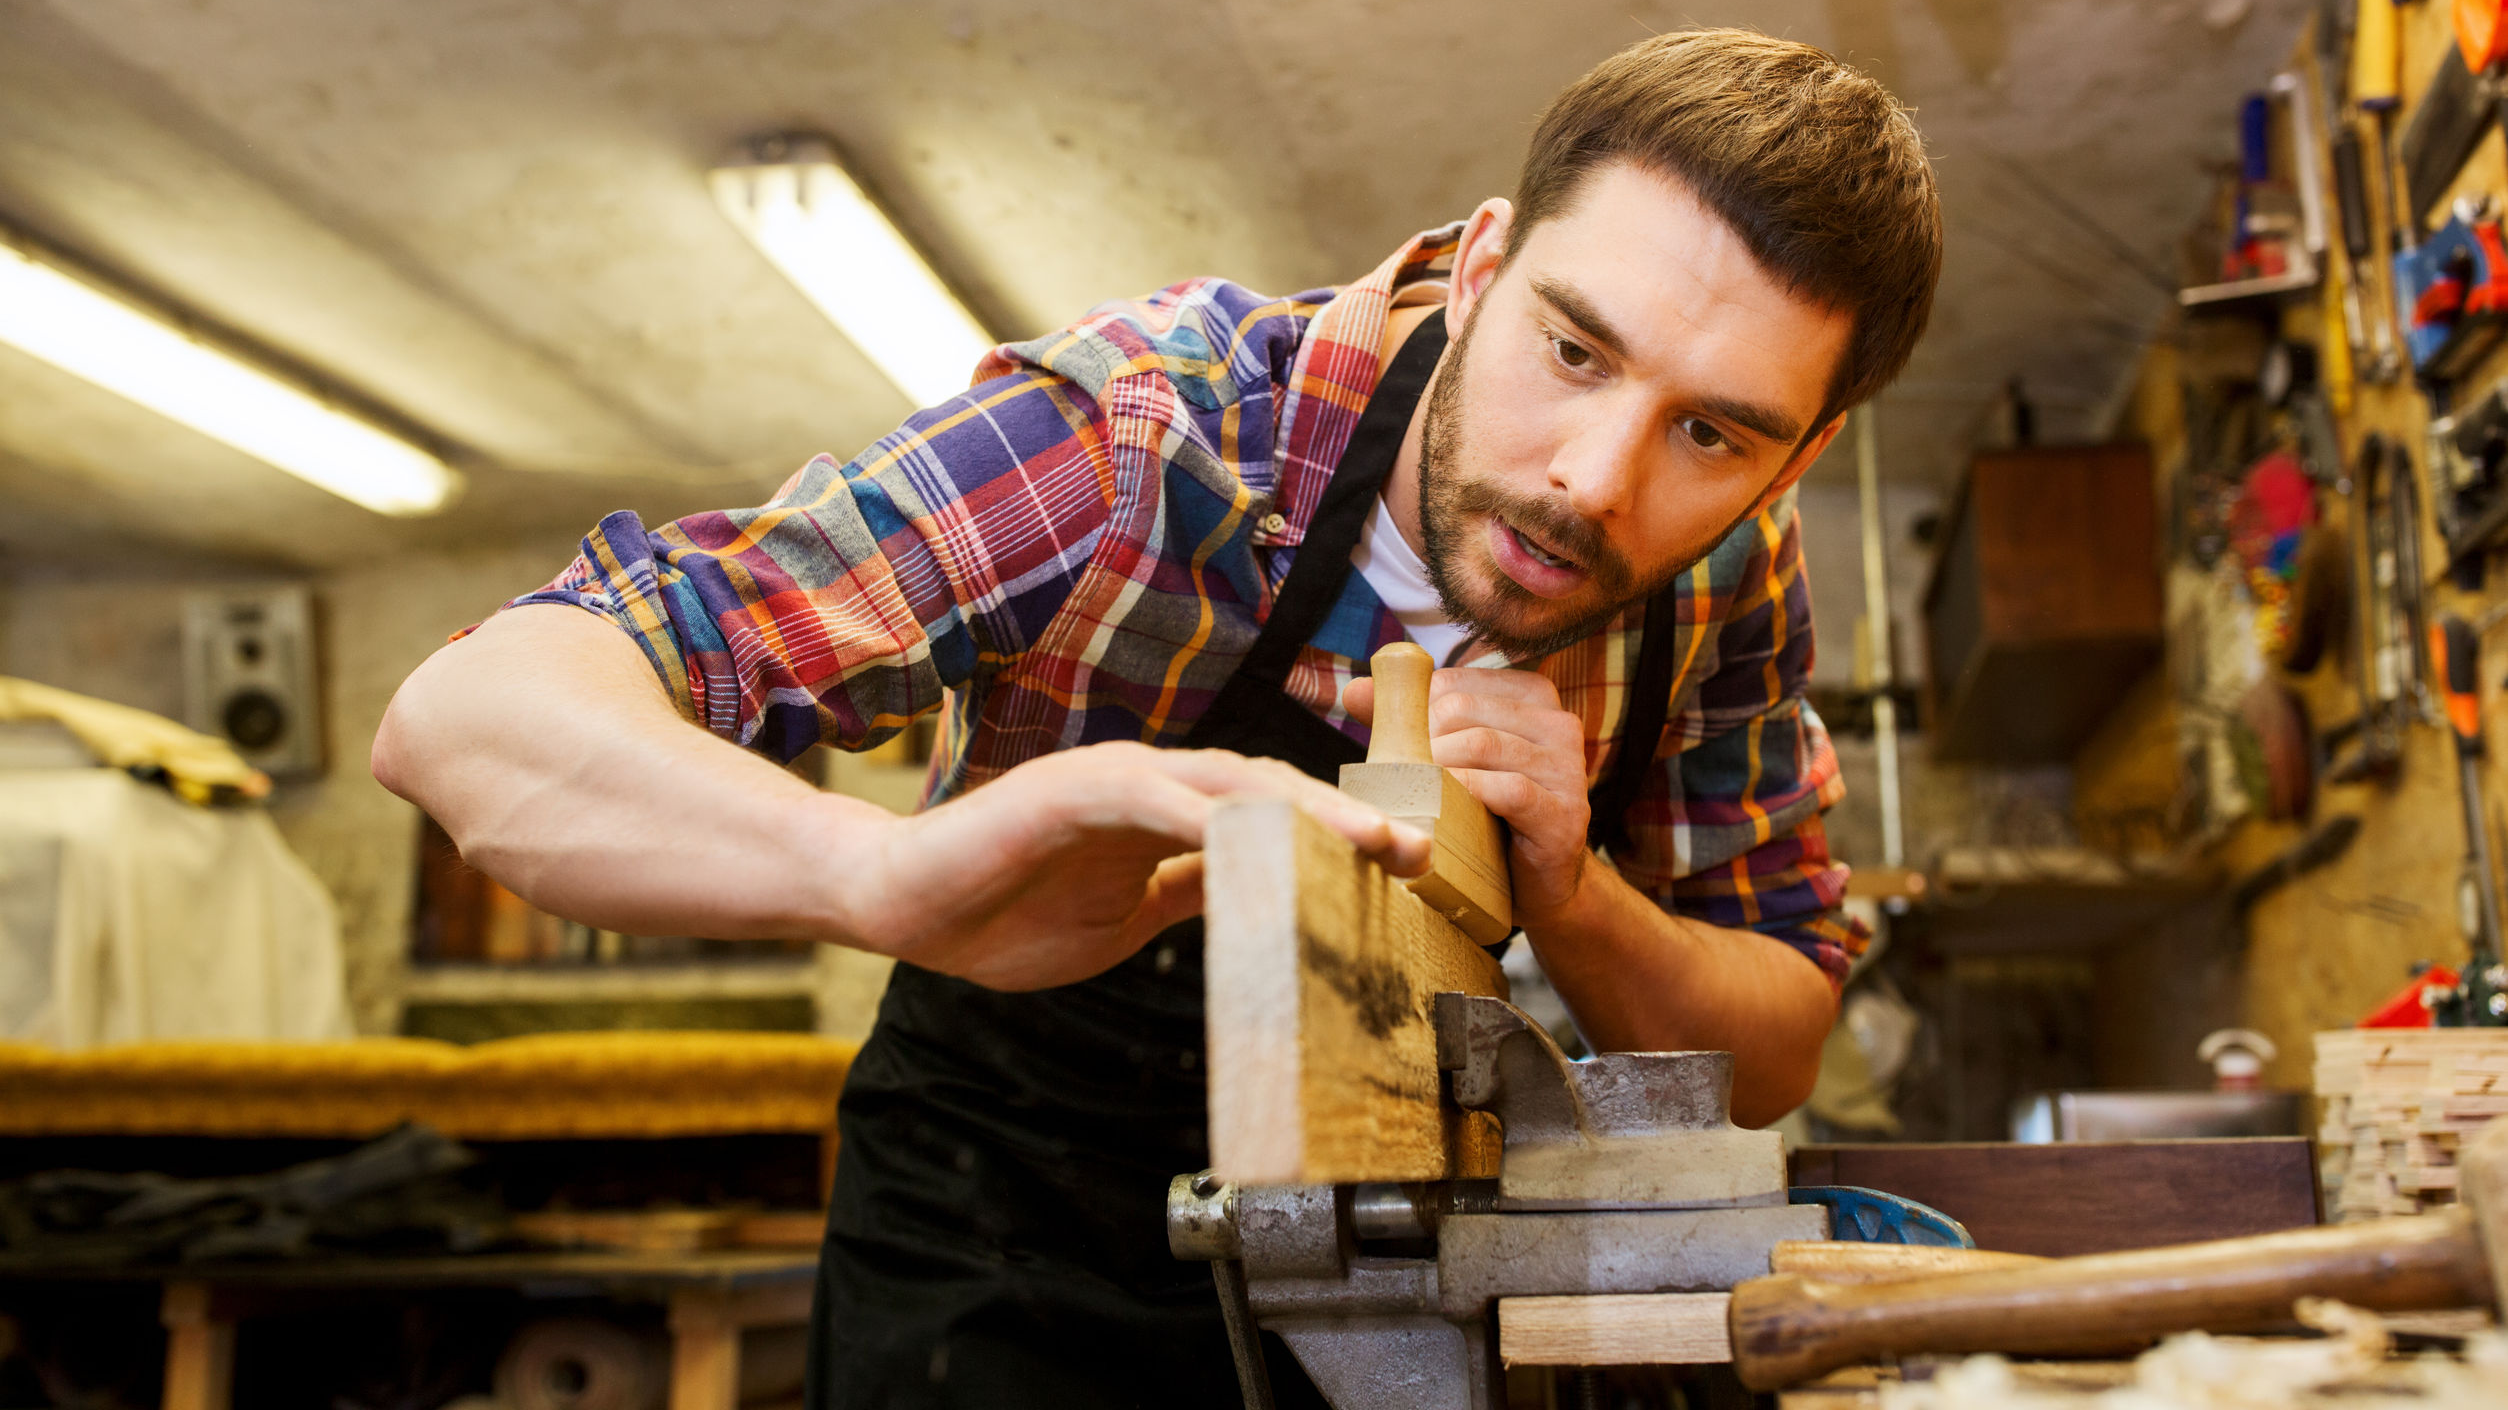 Wandel gefordert – vom Mitarbeitenden zum Mitunternehmer